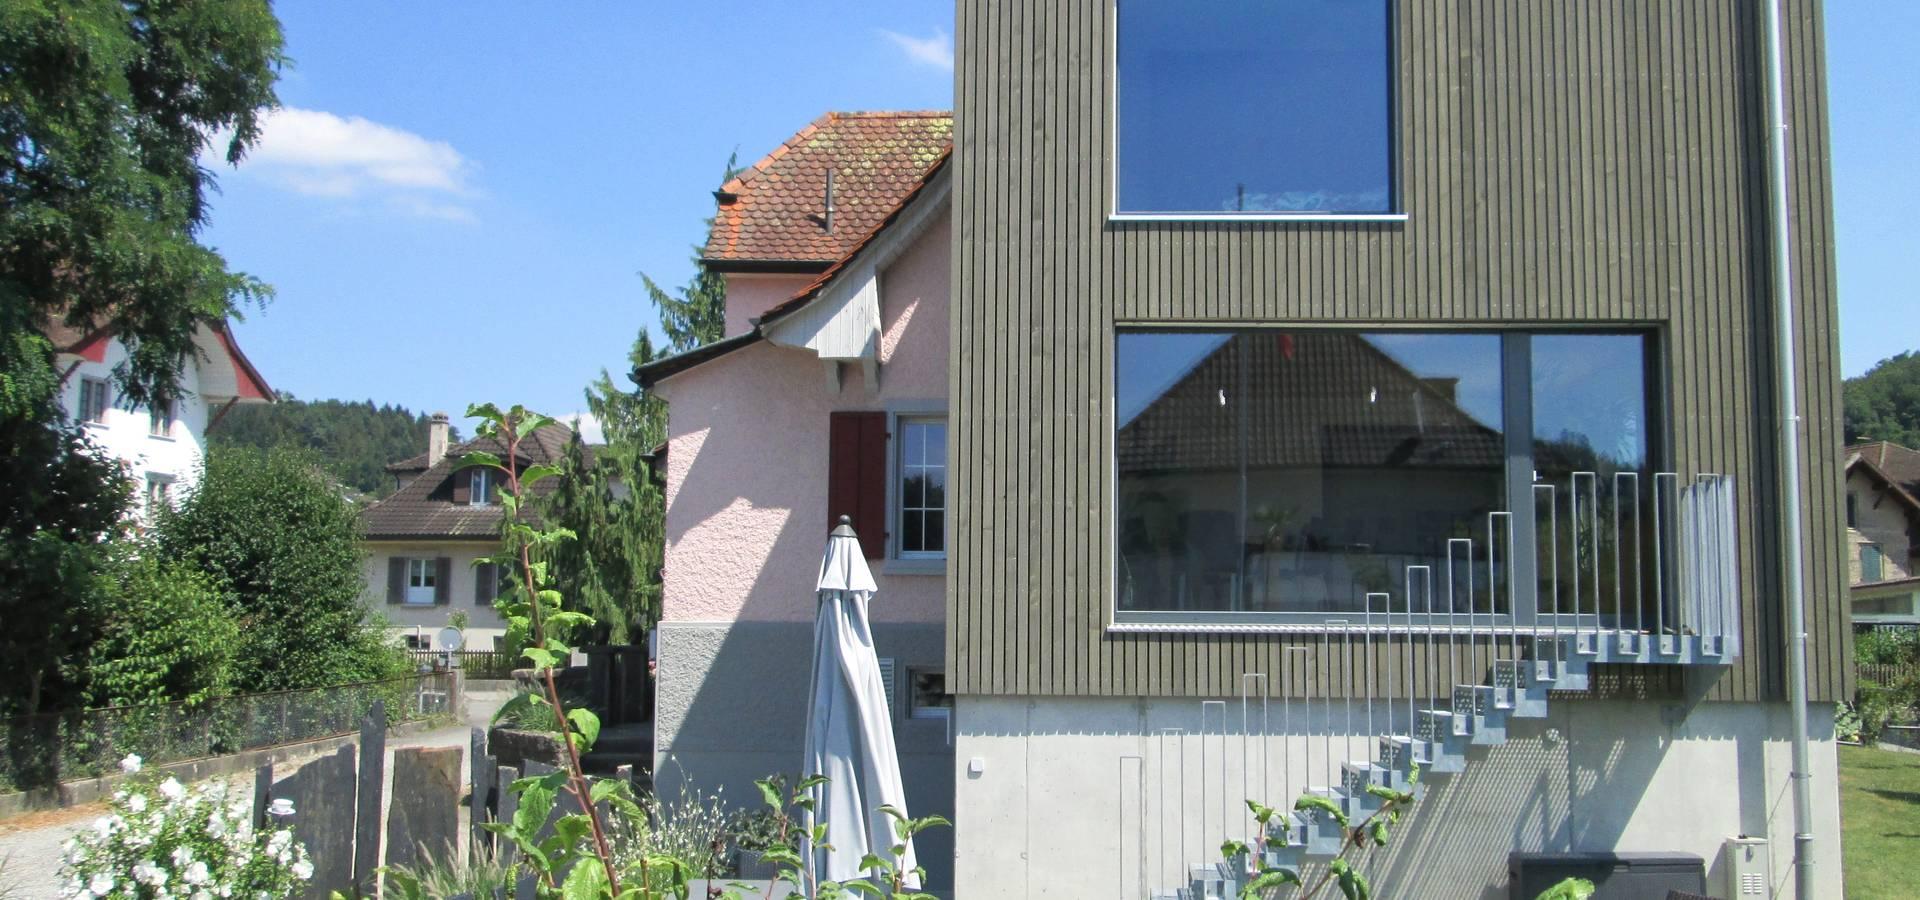 Brauen & Partner Architektur GmbH